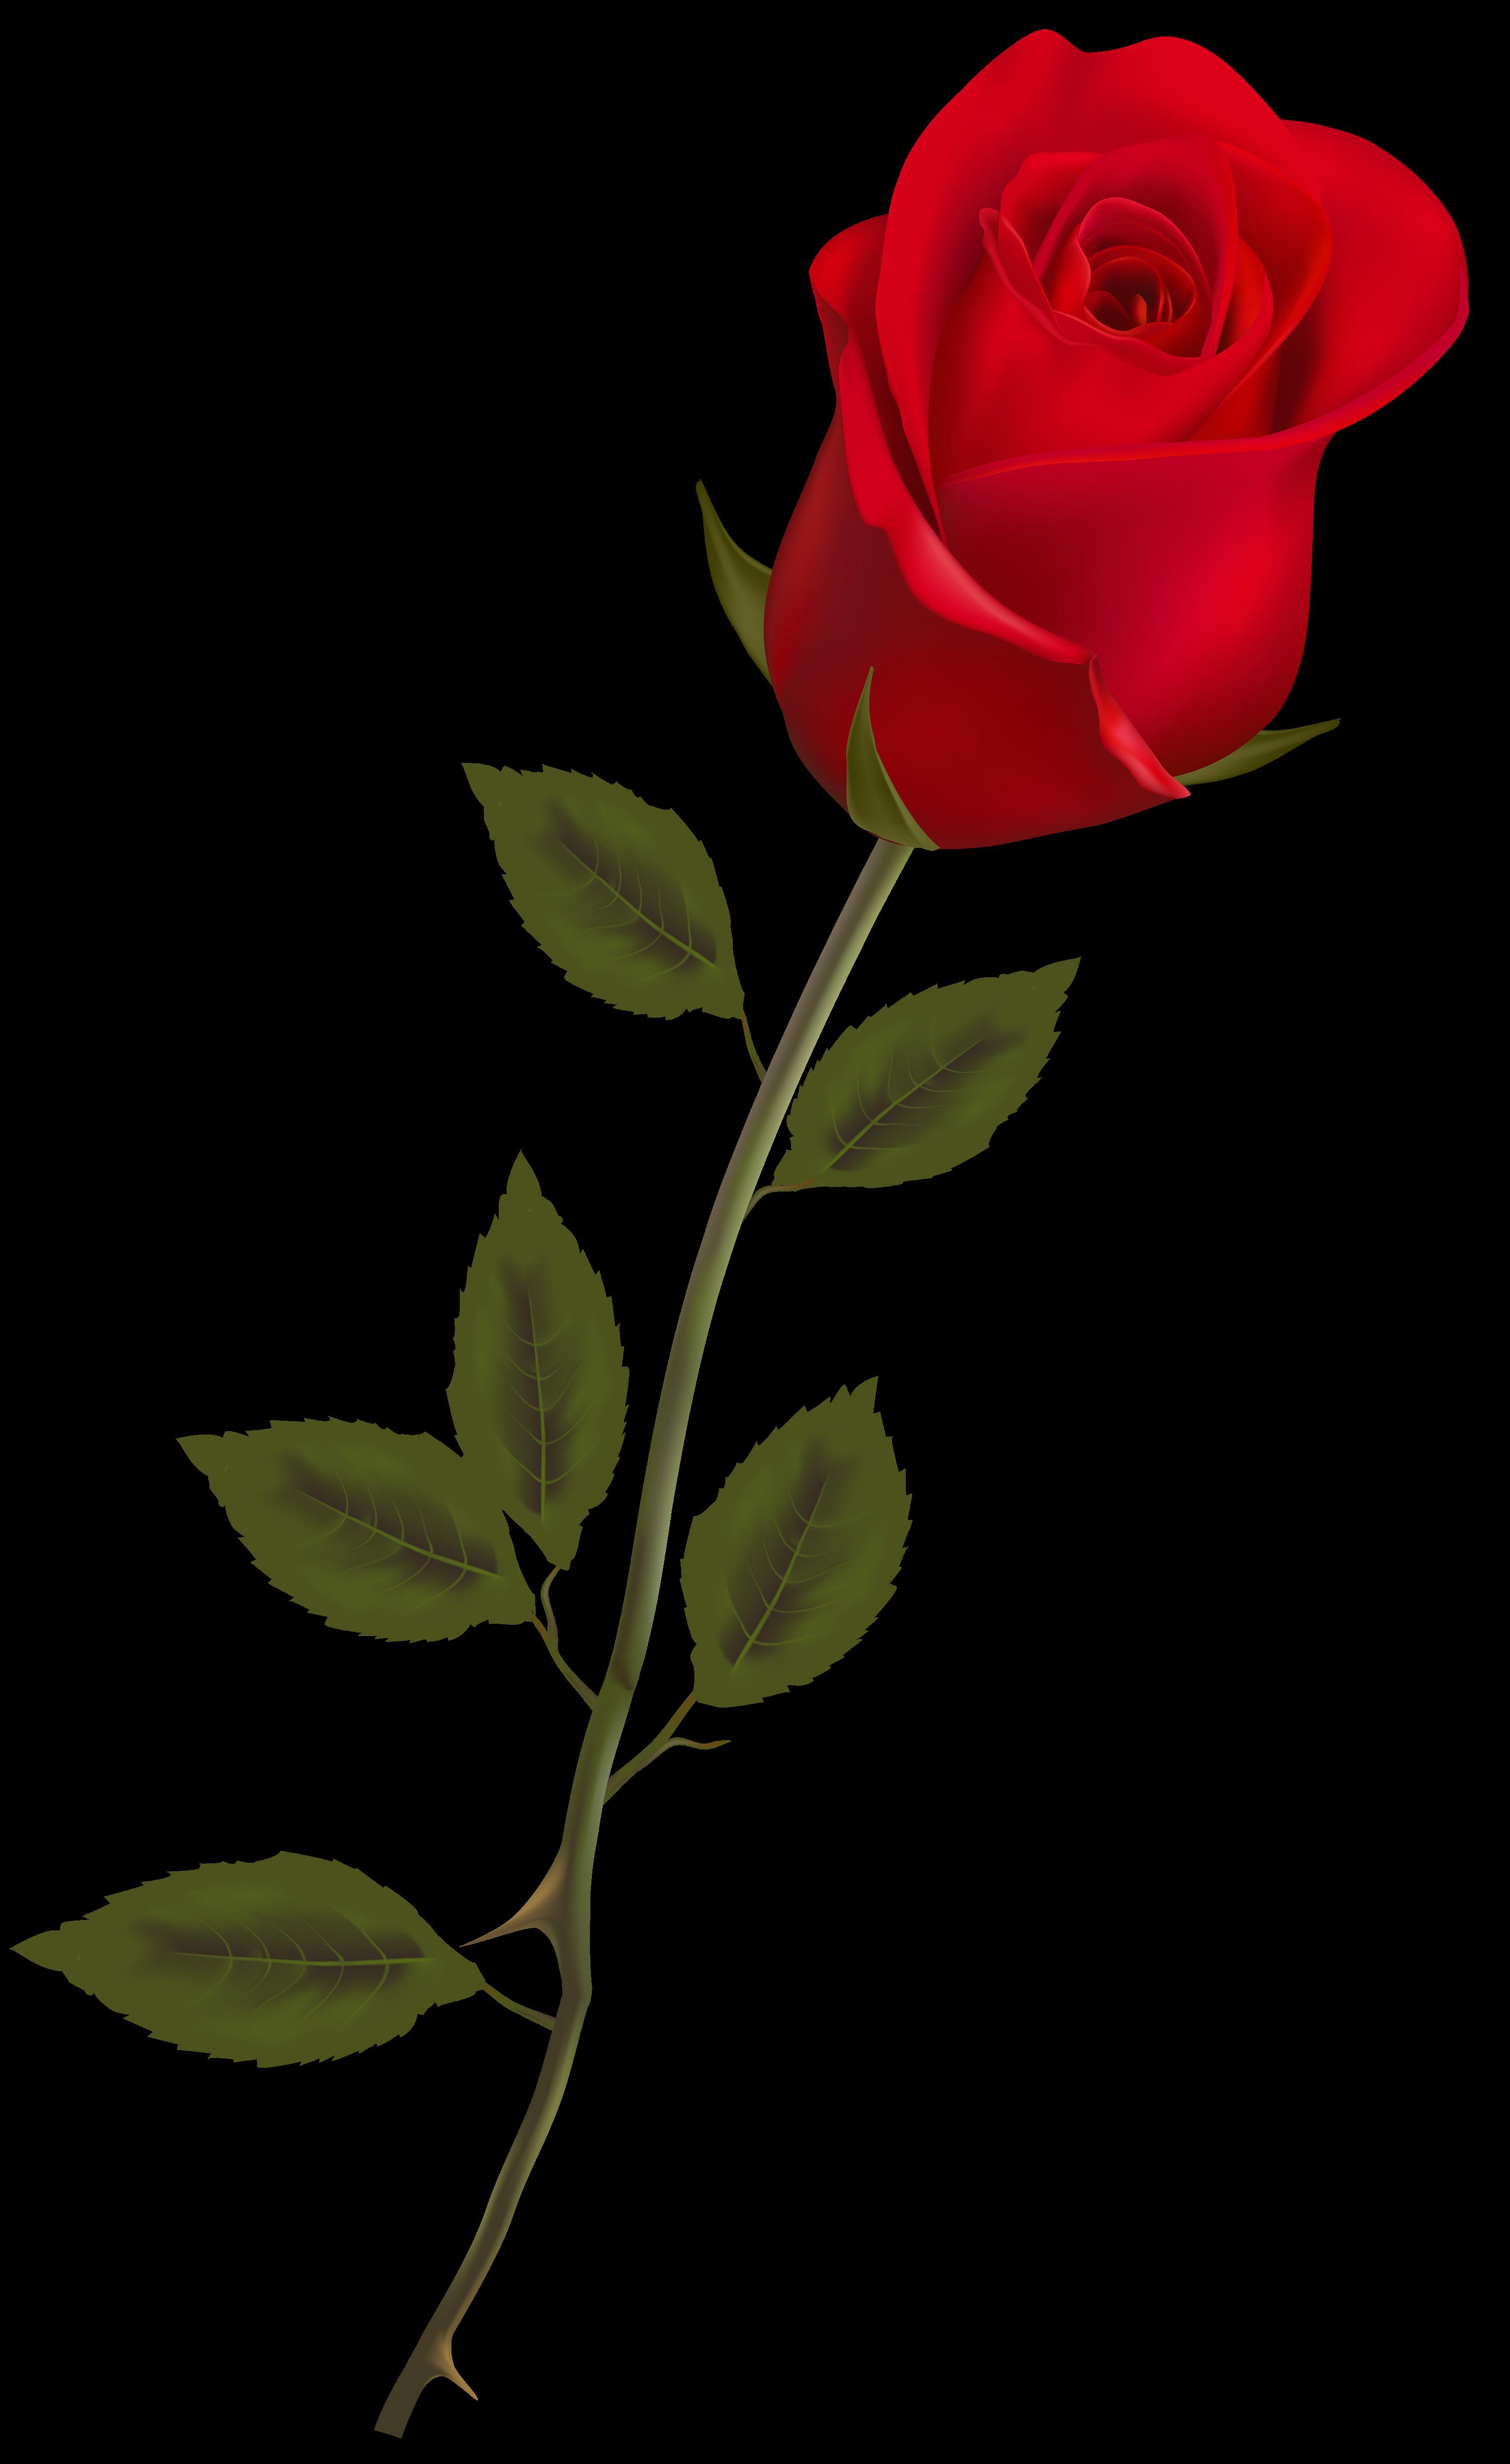 Pin De Manisha K Em Png Vectors Manisha Rosas Vermelhas Flor De Jardinagem Belas Flores